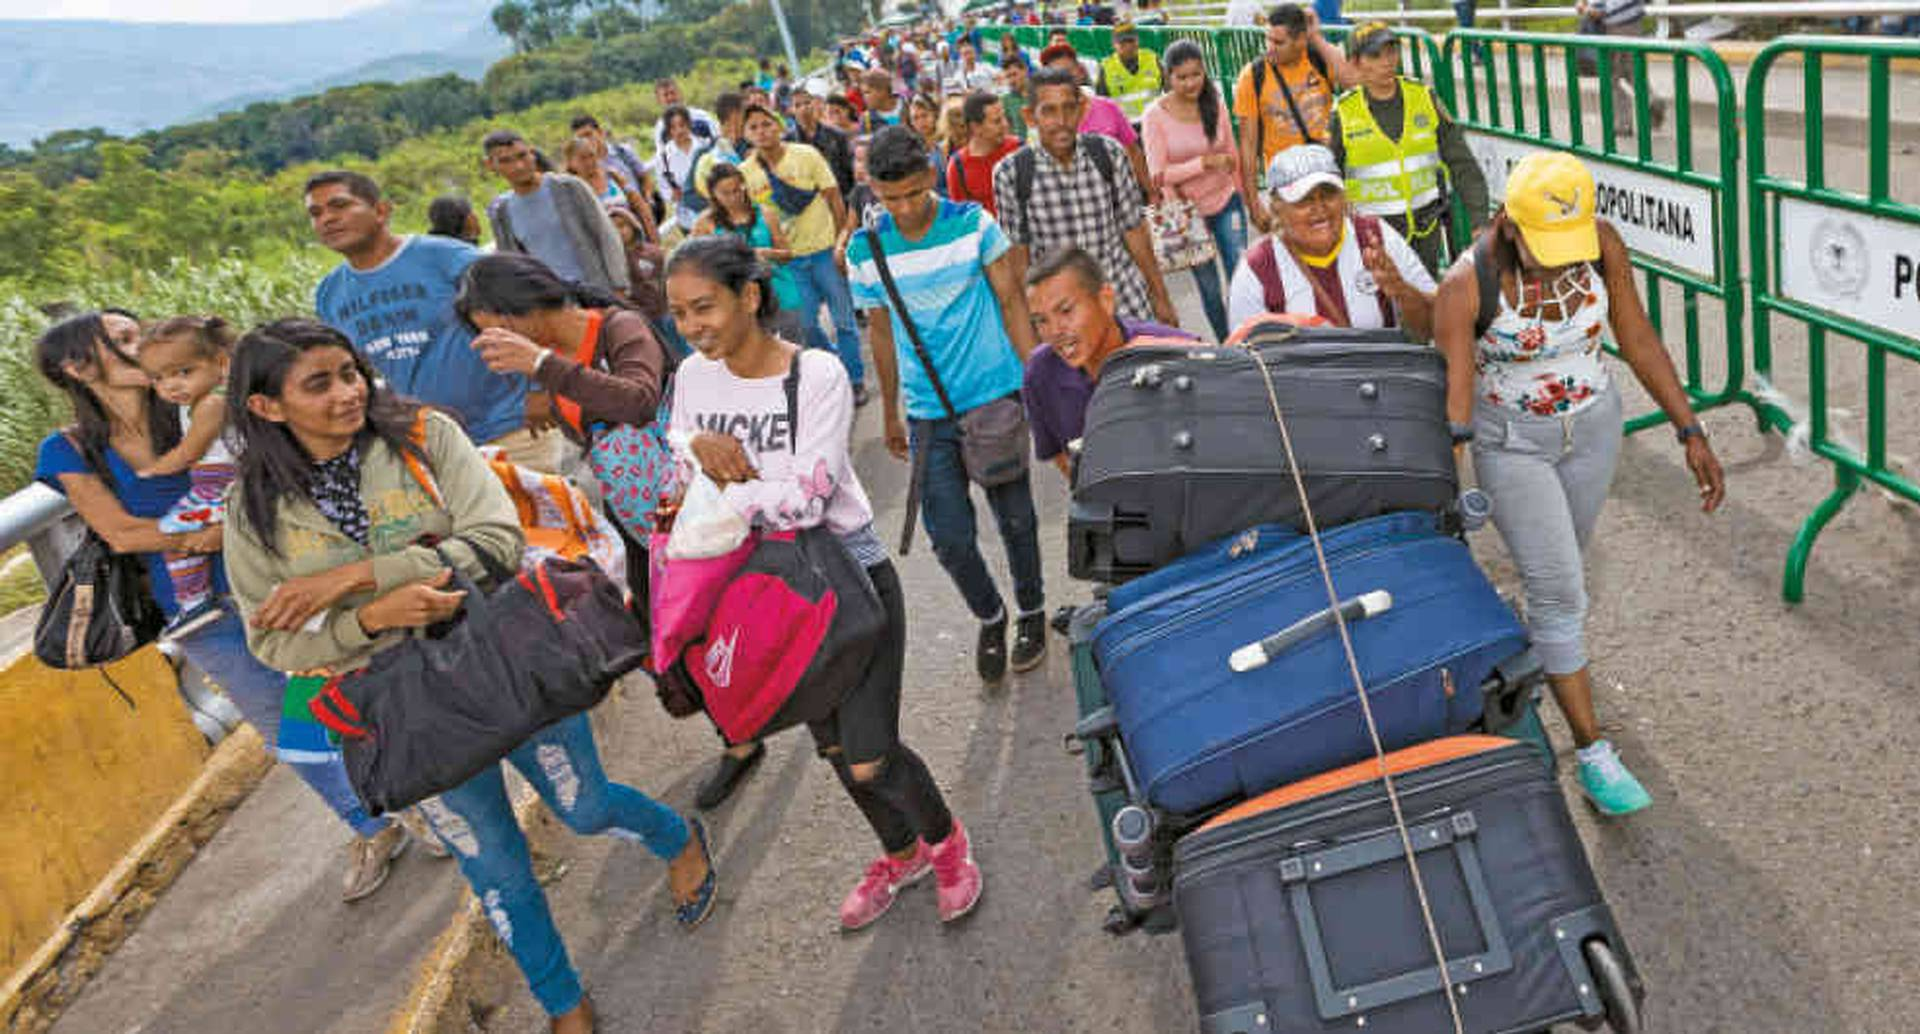 La ONU estima que 5 millones de venezolanos abandonarán el país el próximo año.